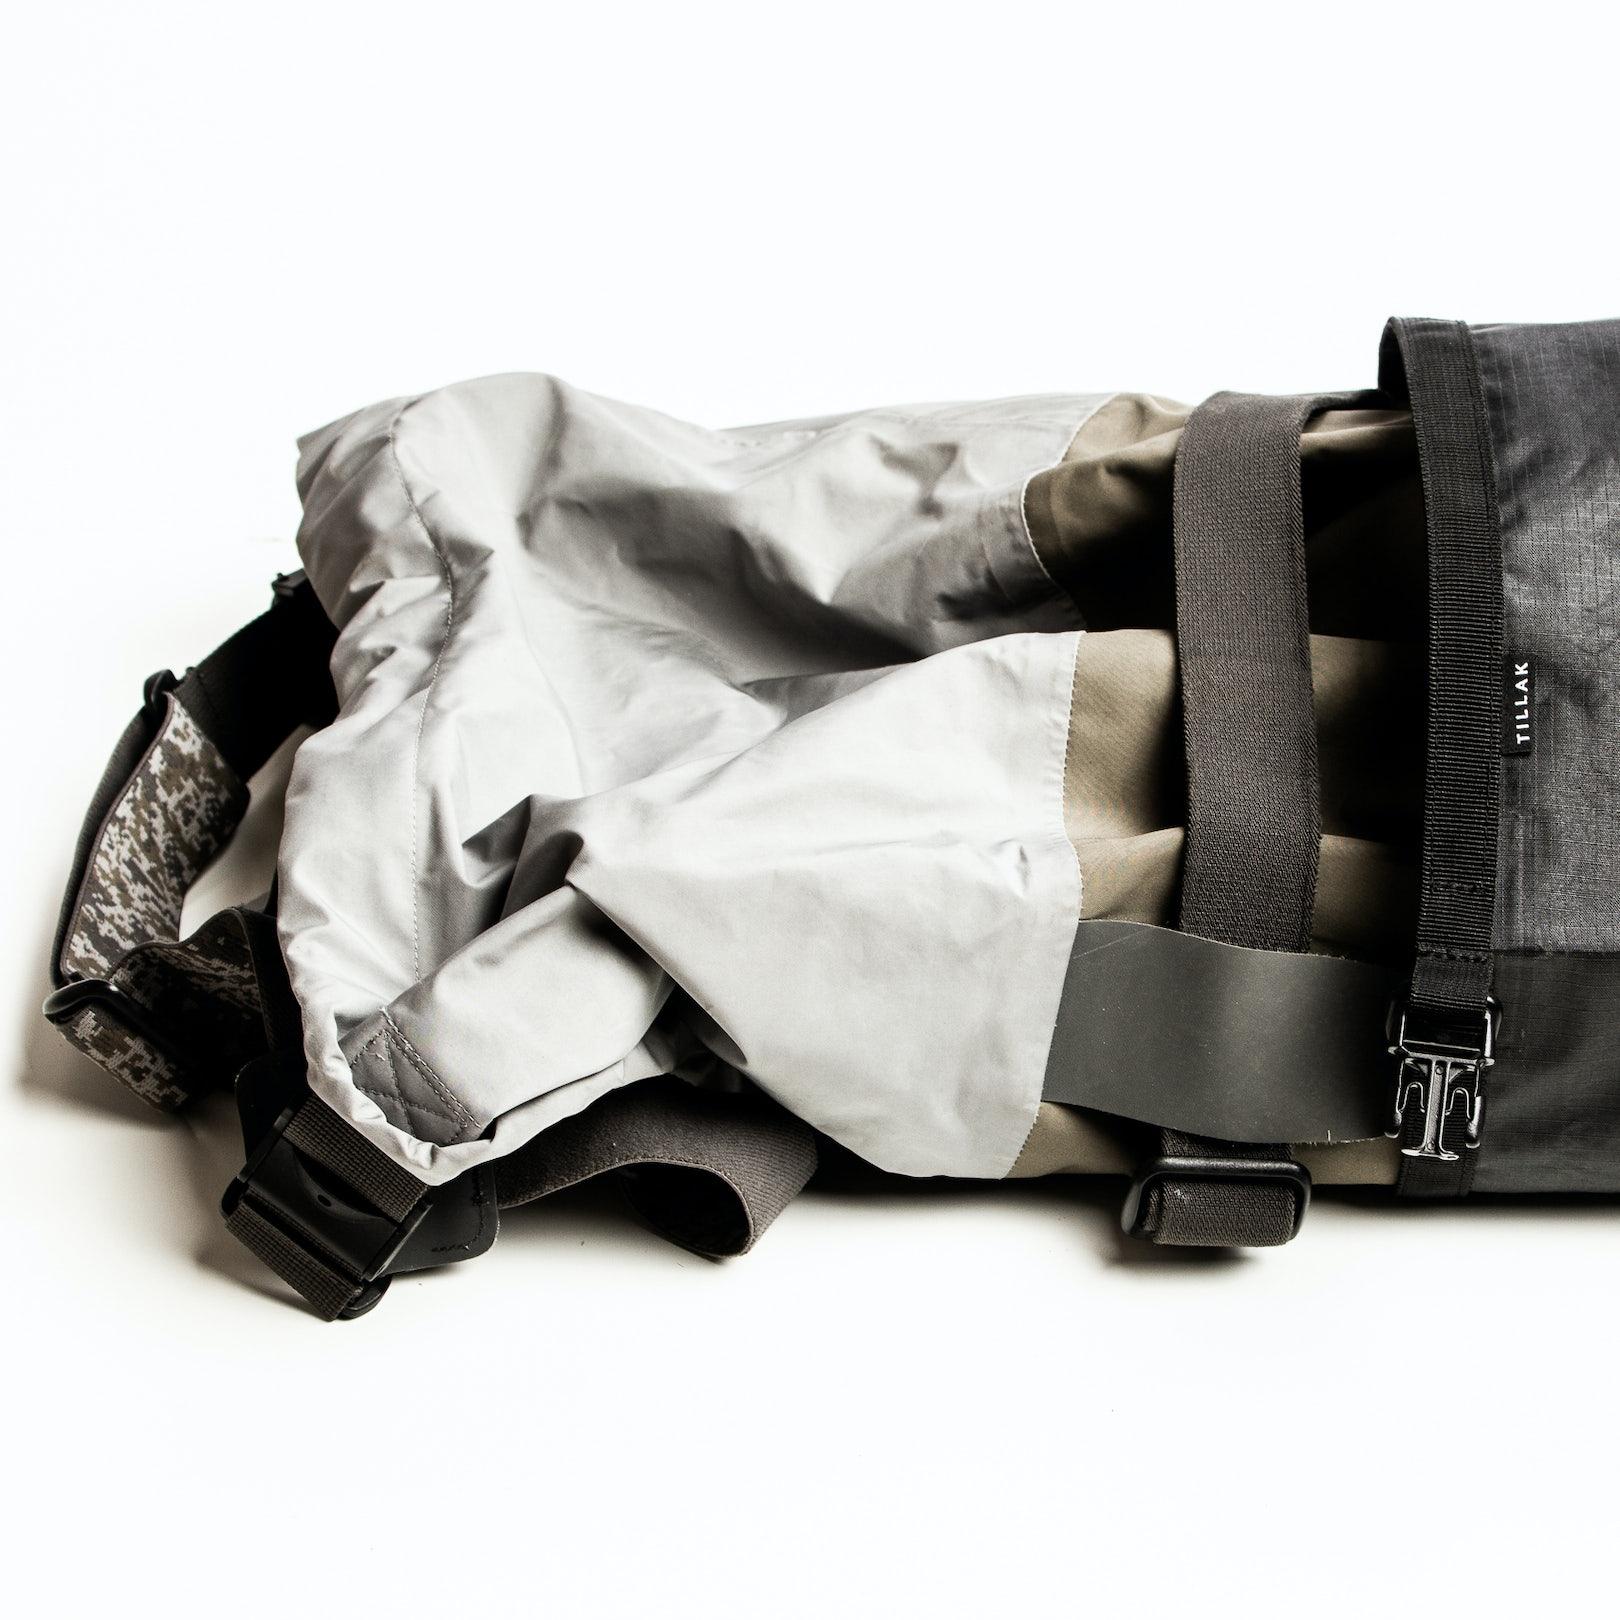 Tillak Siletz 25L Wet/Dry Bag Insert